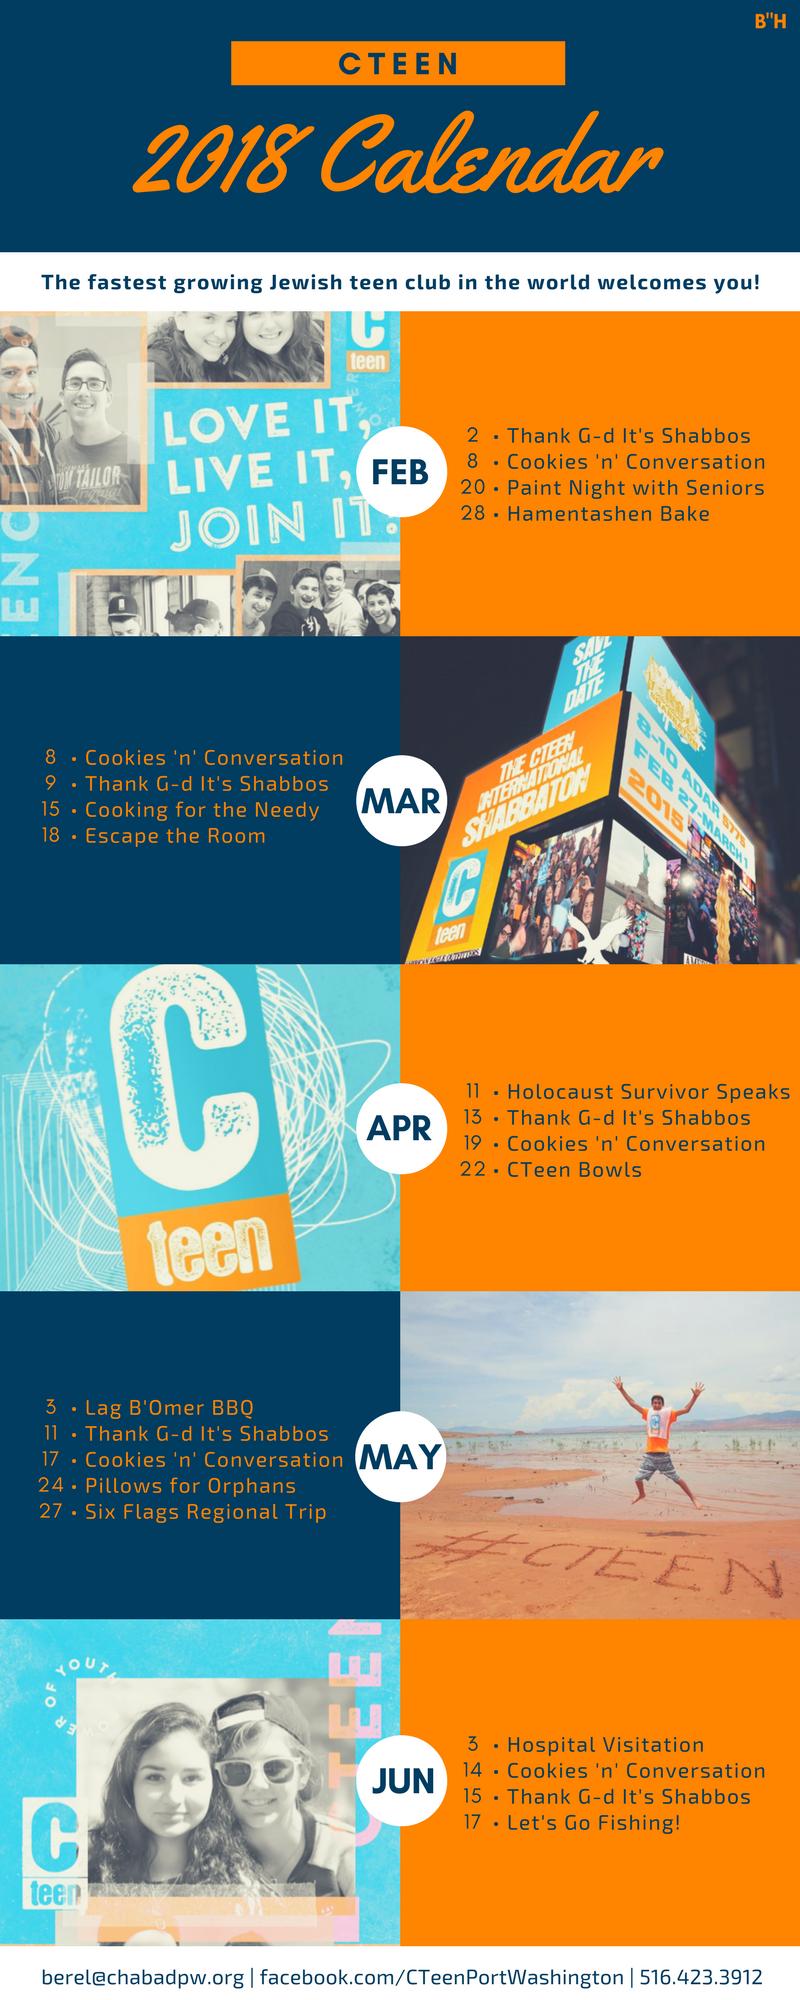 Cteen 2018 Calendar (1).png